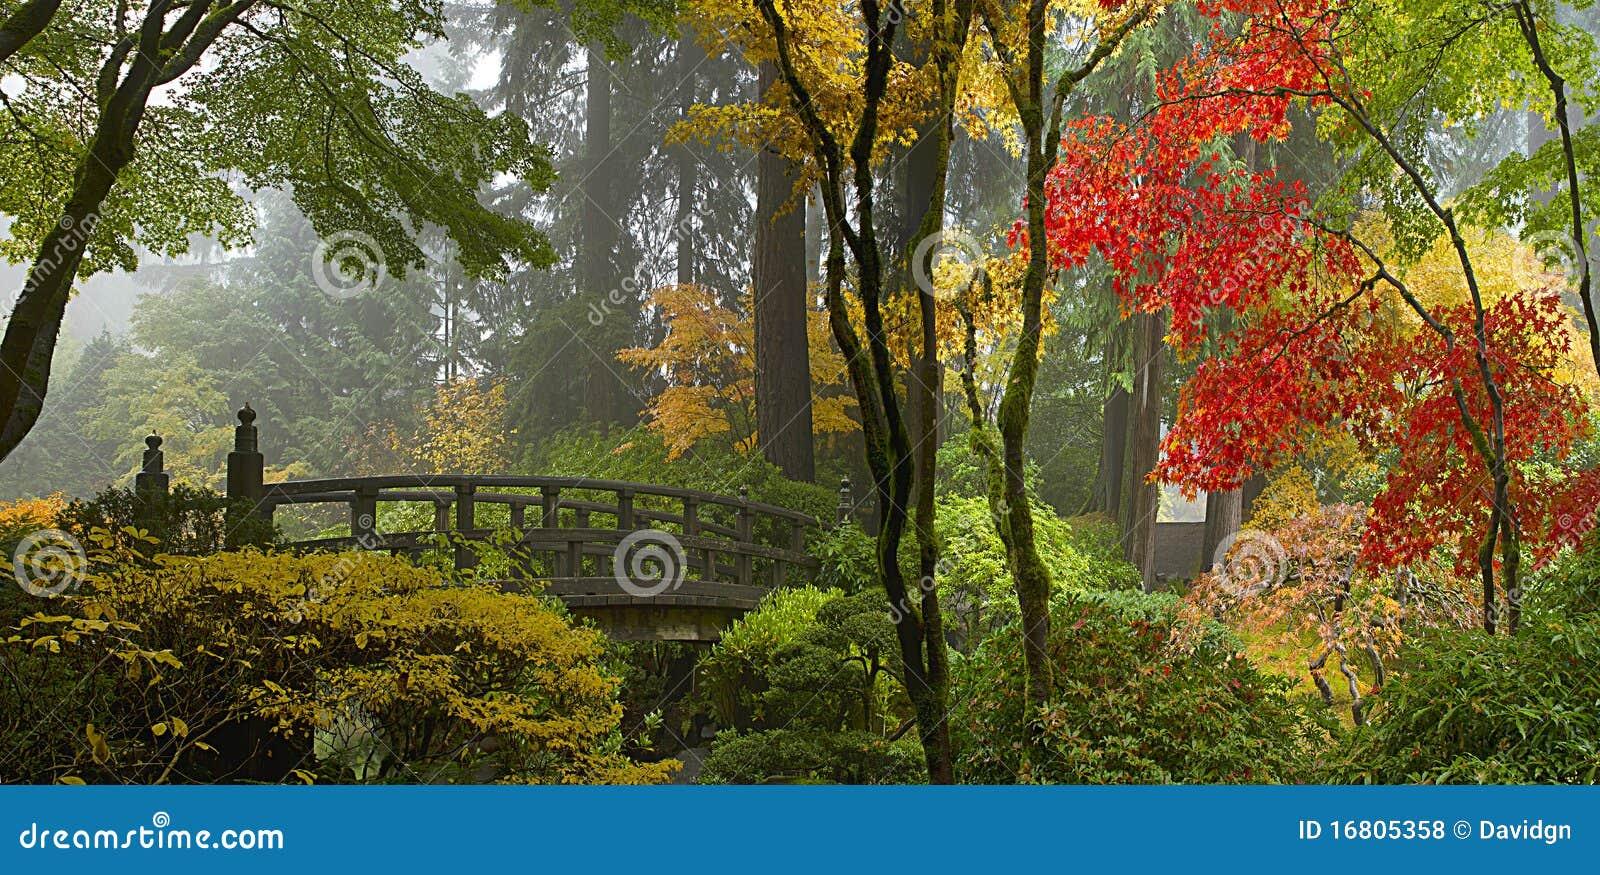 Passerelle en bois au jardin japonais en automne photos libres de droits image 16805358 - Passerelle en bois pour jardin ...